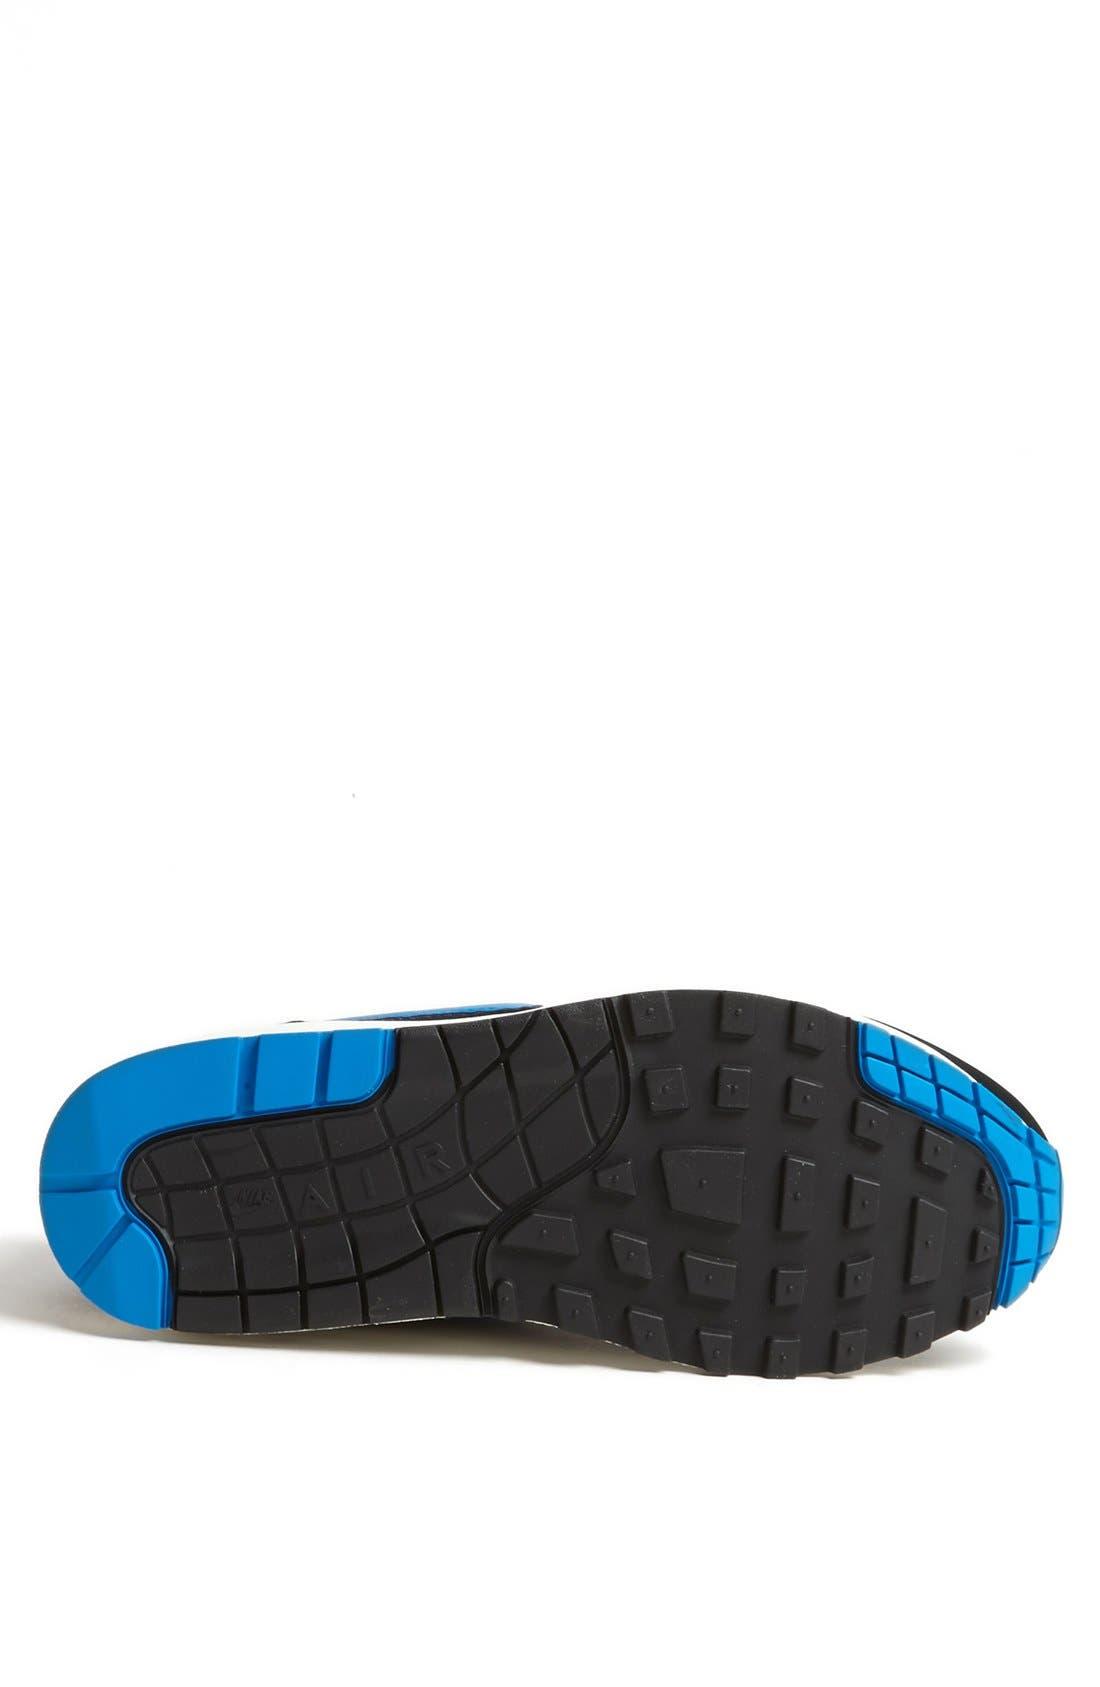 NIKE, 'Air Max 1 Premium' Sneaker, Alternate thumbnail 4, color, 014